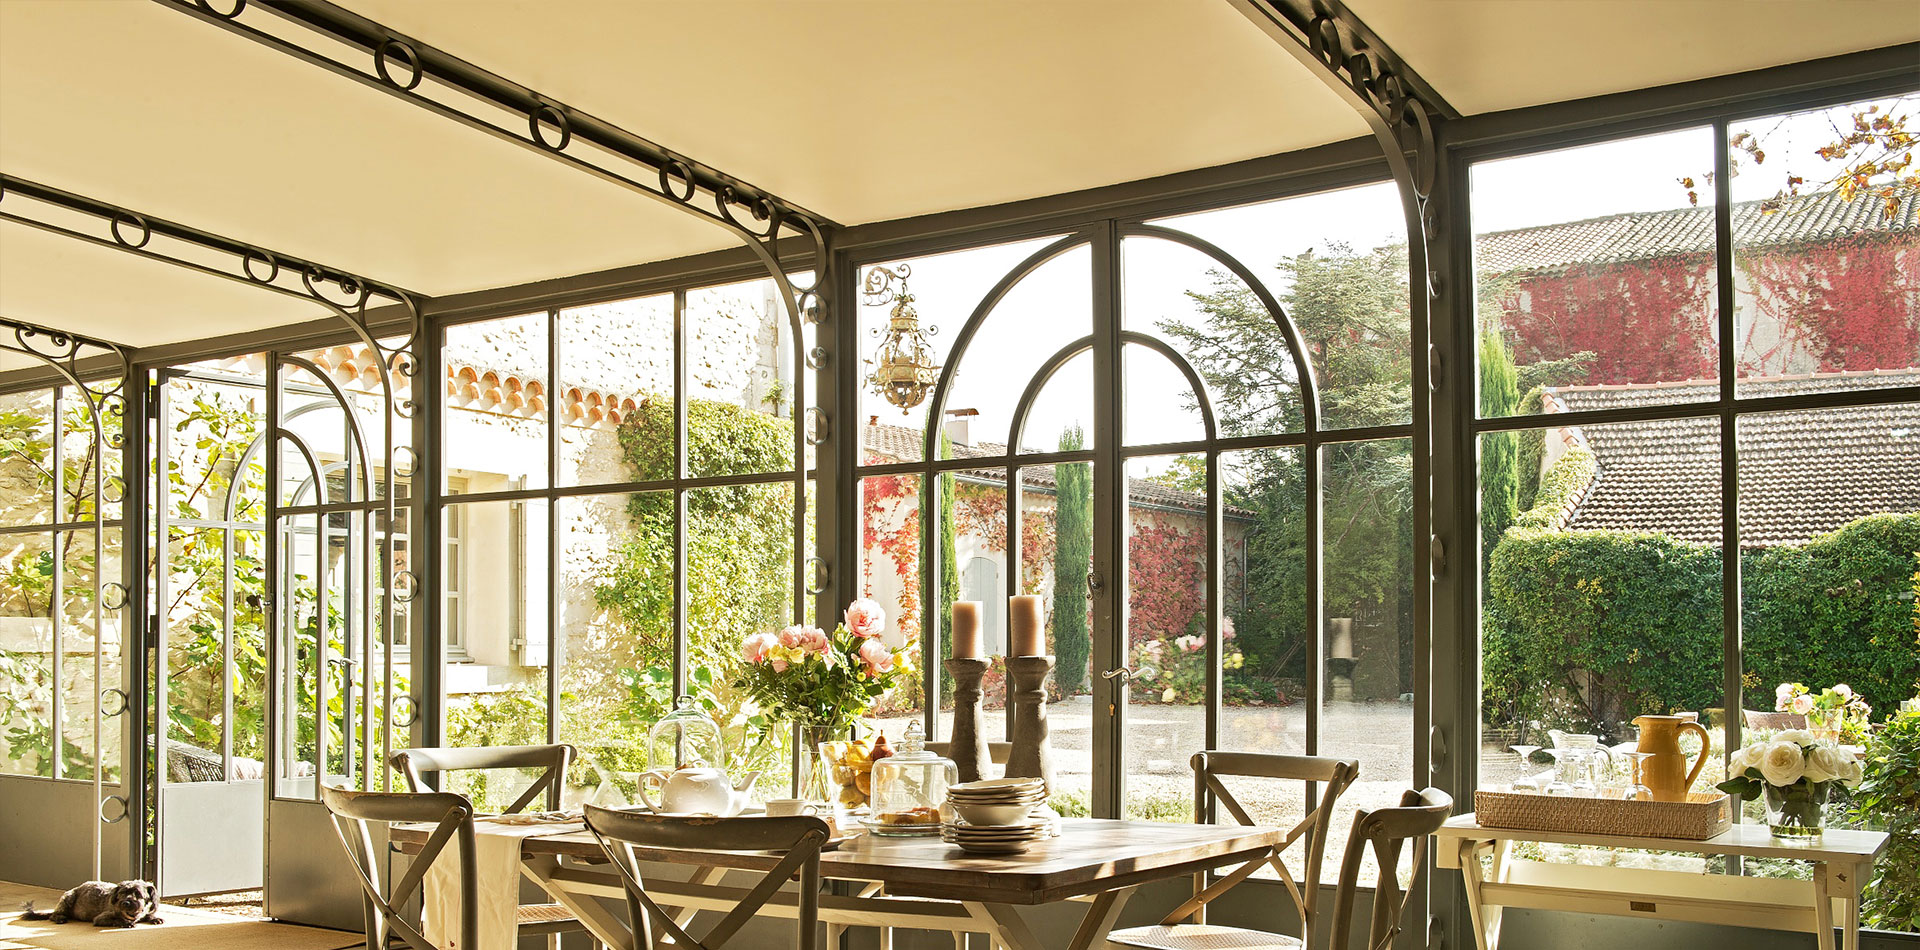 Chambre d 39 hote design saint remy de provence for Chambre d hotes salon de provence